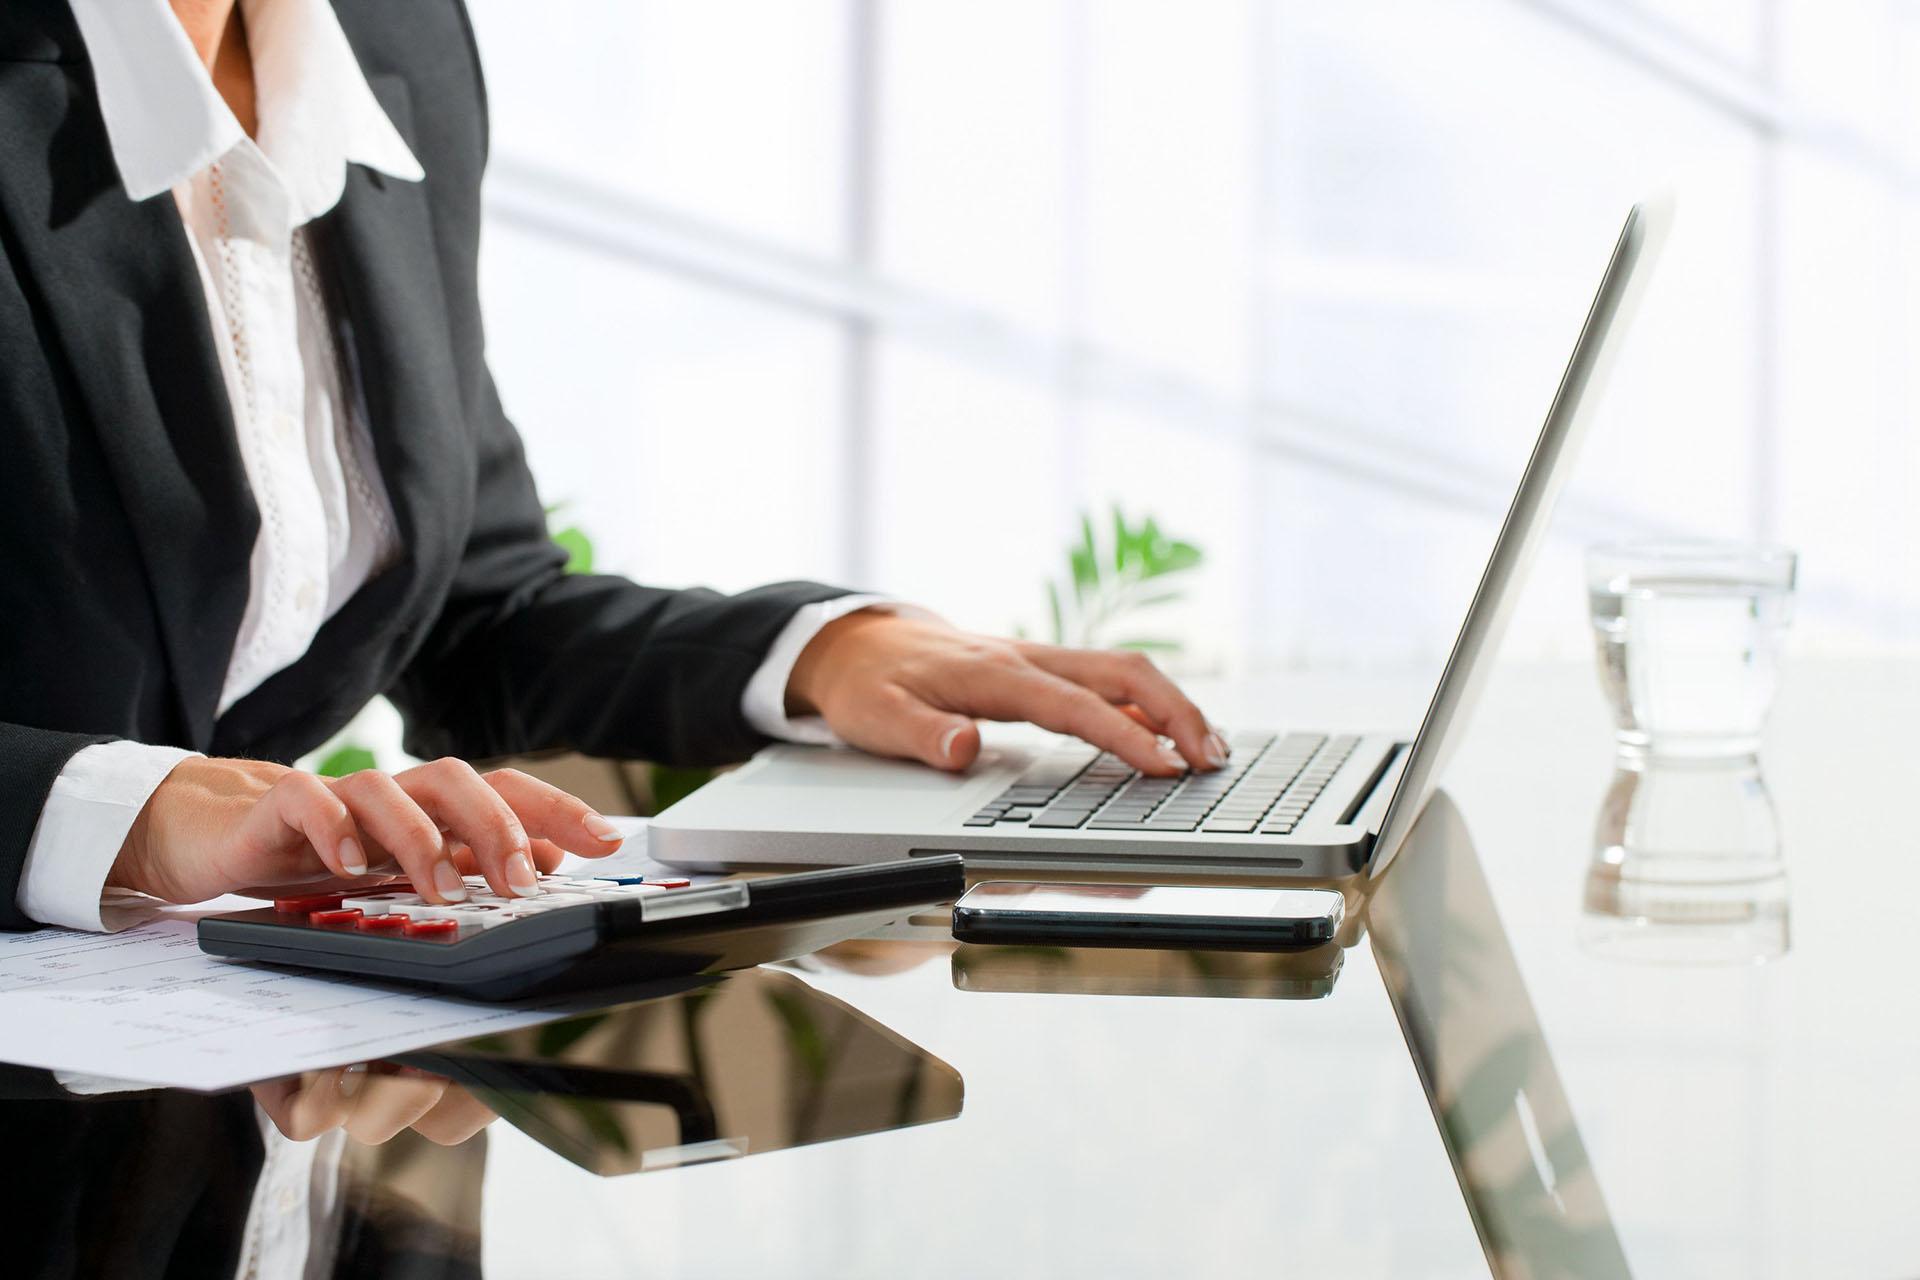 Вебинар: Личный бренд собственника бизнеса - как развивать экспертность для привлечения крупных клиентов